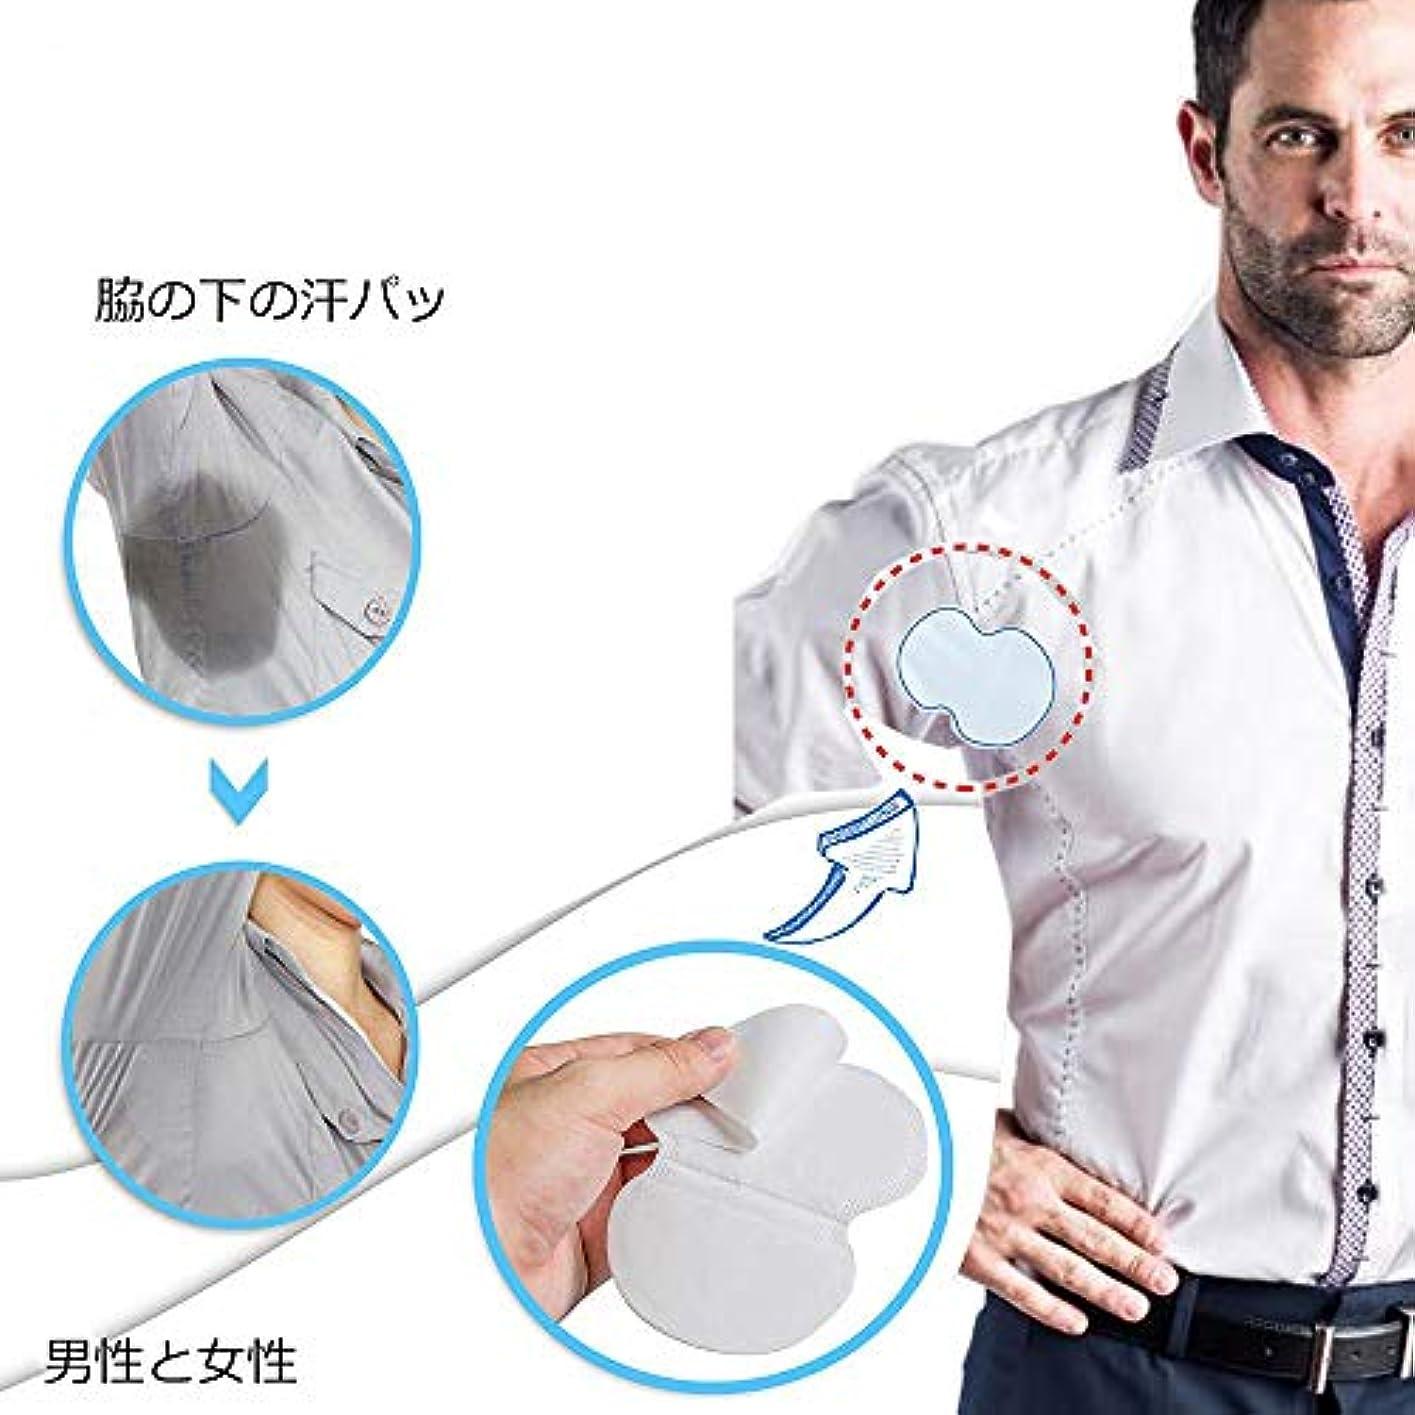 誤解させる扇動埋め込む脇の下の汗パッド - 男性と女性のための使い捨ての脇の下パッド脇の下の汗パッドと消臭香りの錠剤、目に見えないと余分な接着剤(100 PCS)